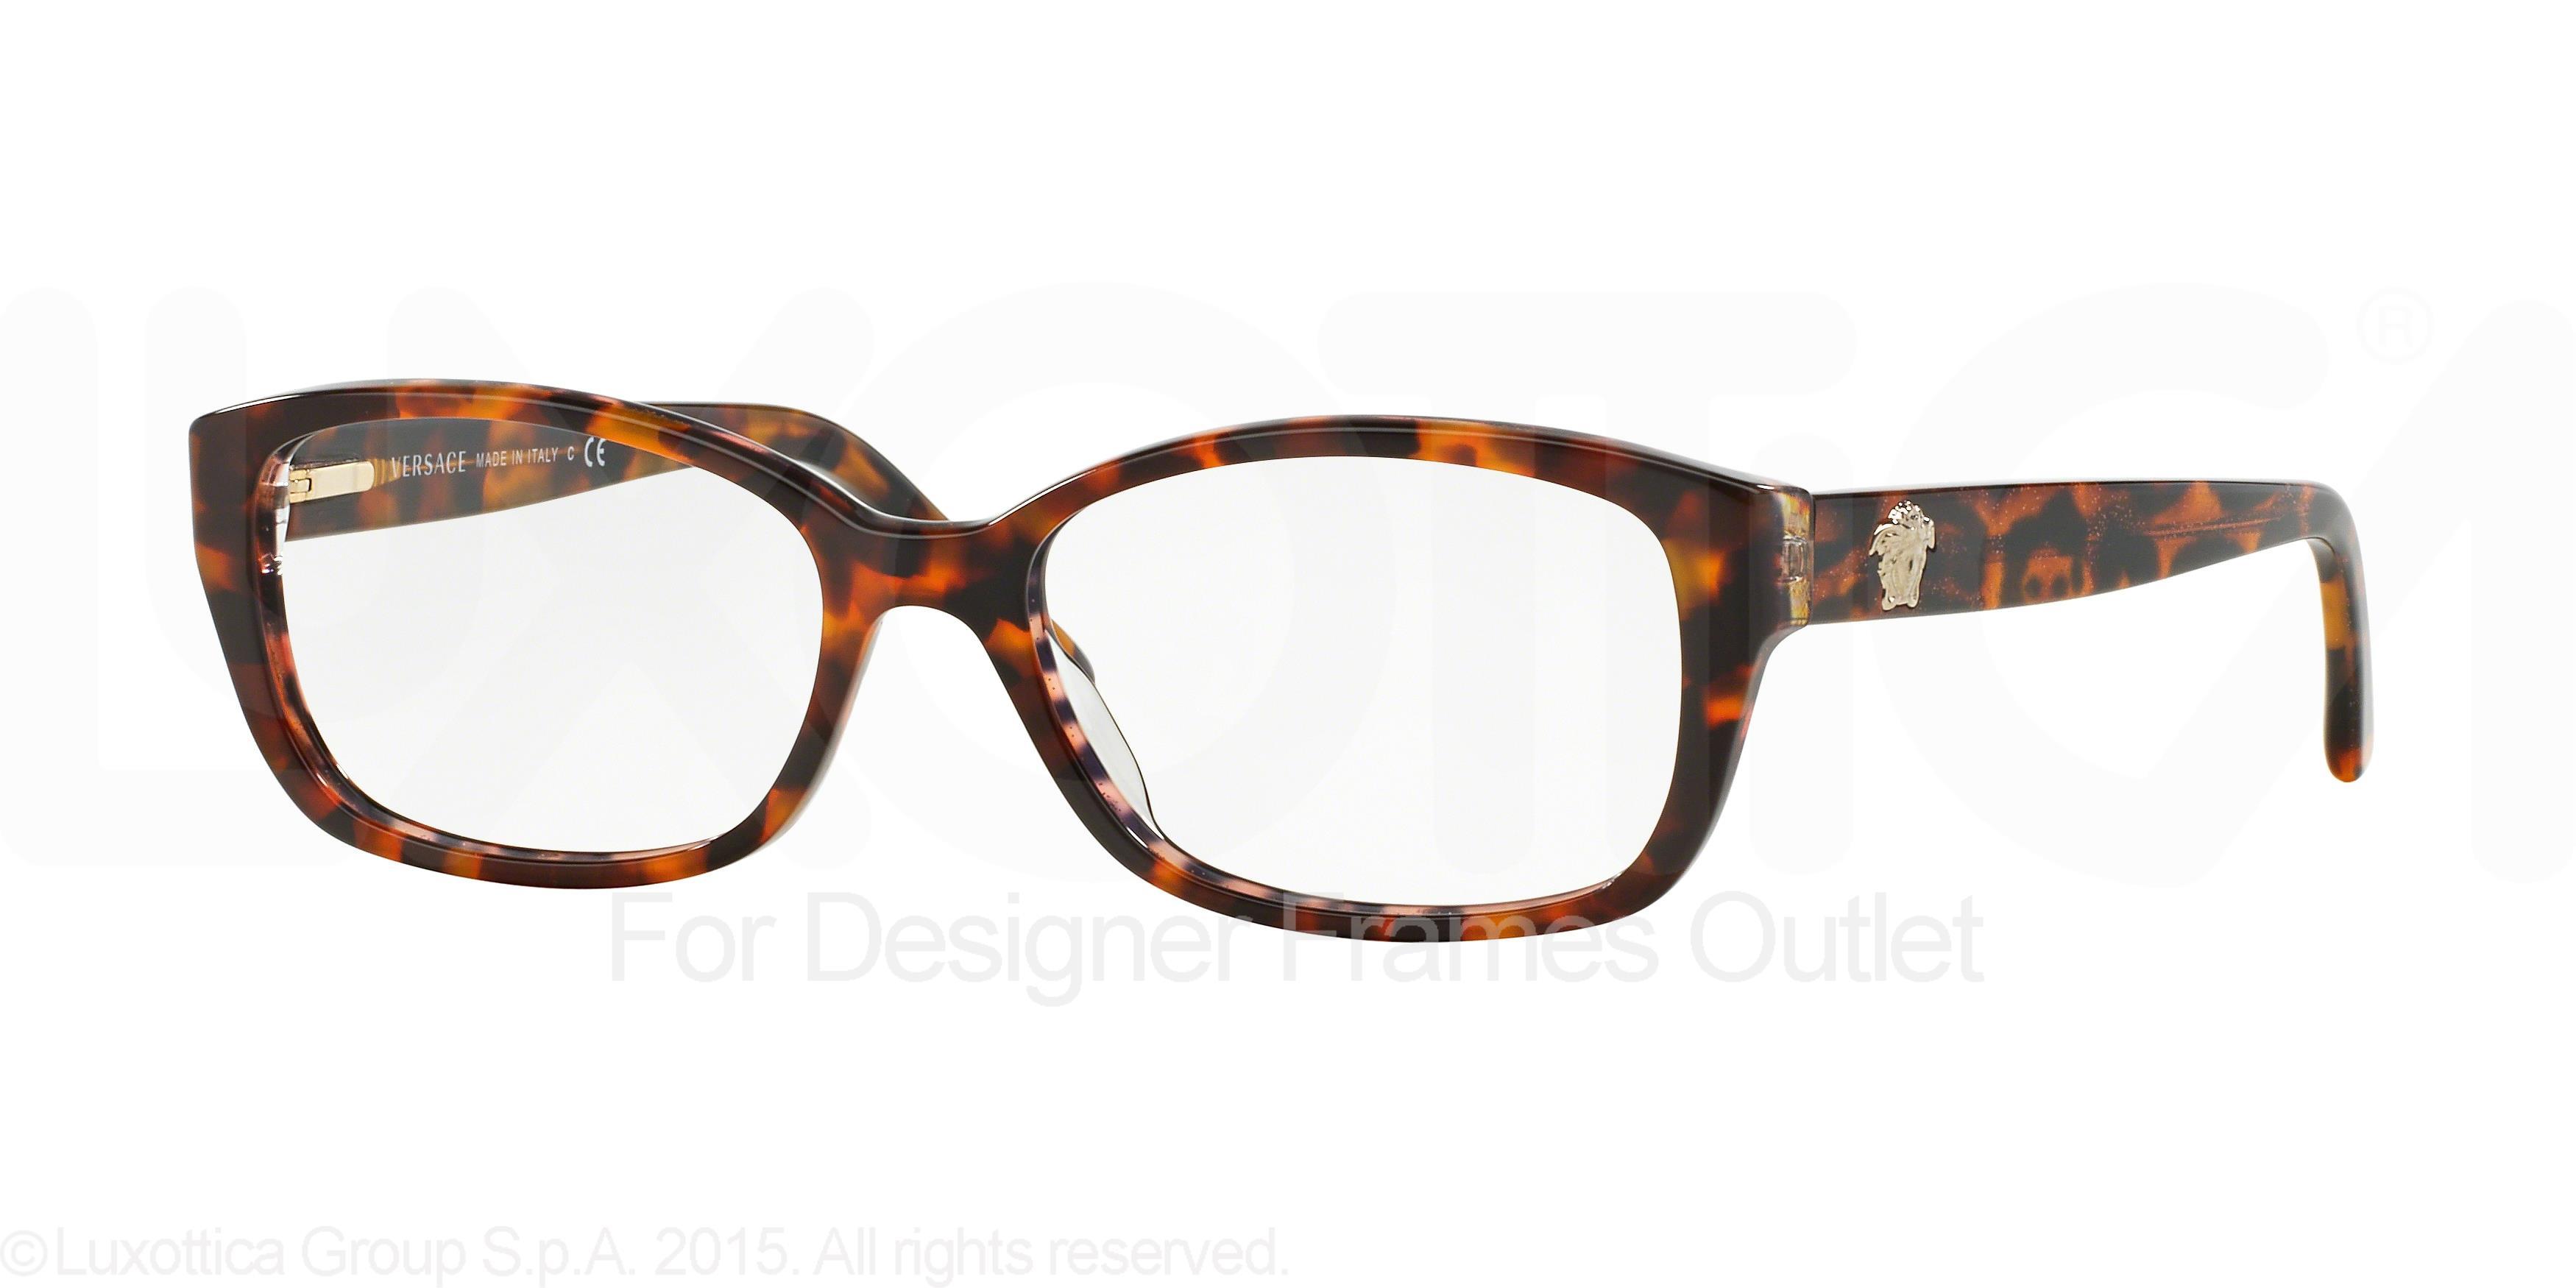 729d441106c Designer Glasses Frames Outlet